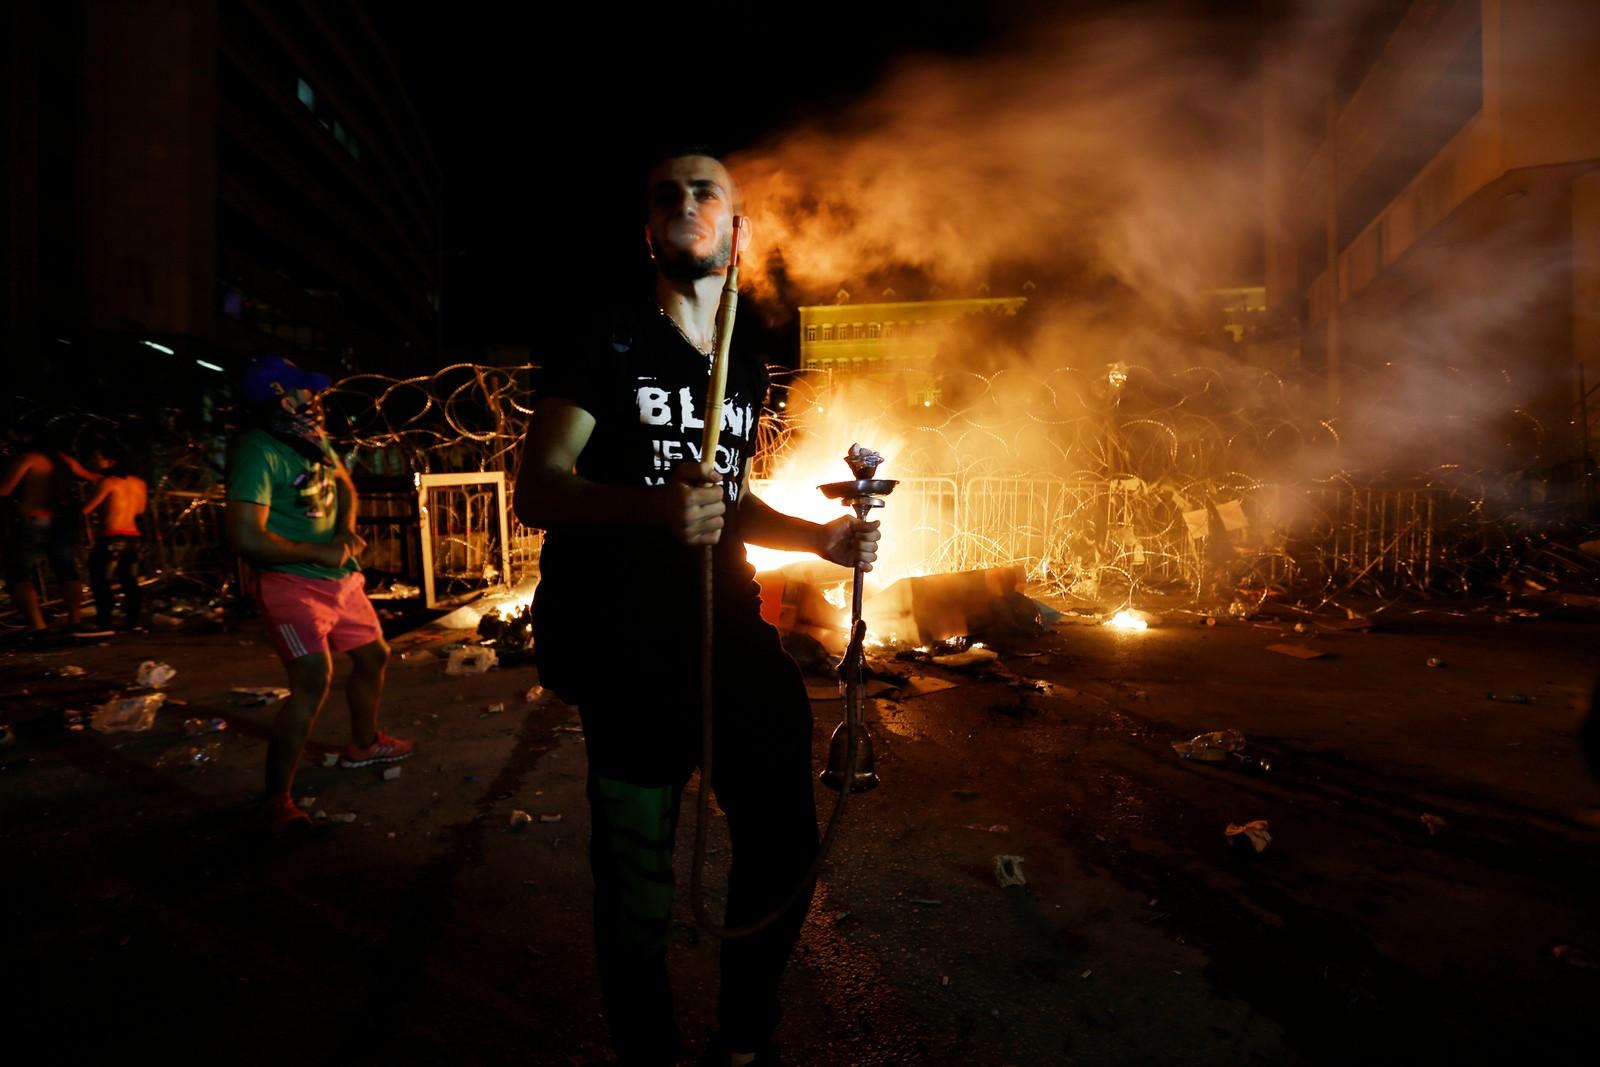 En av demonstrantene røyka vannpipe foran et påtent søppelberg. Demonstrasjonene utvikla seg etterhvert i voldelig retning, og politiet ble tilkalt.